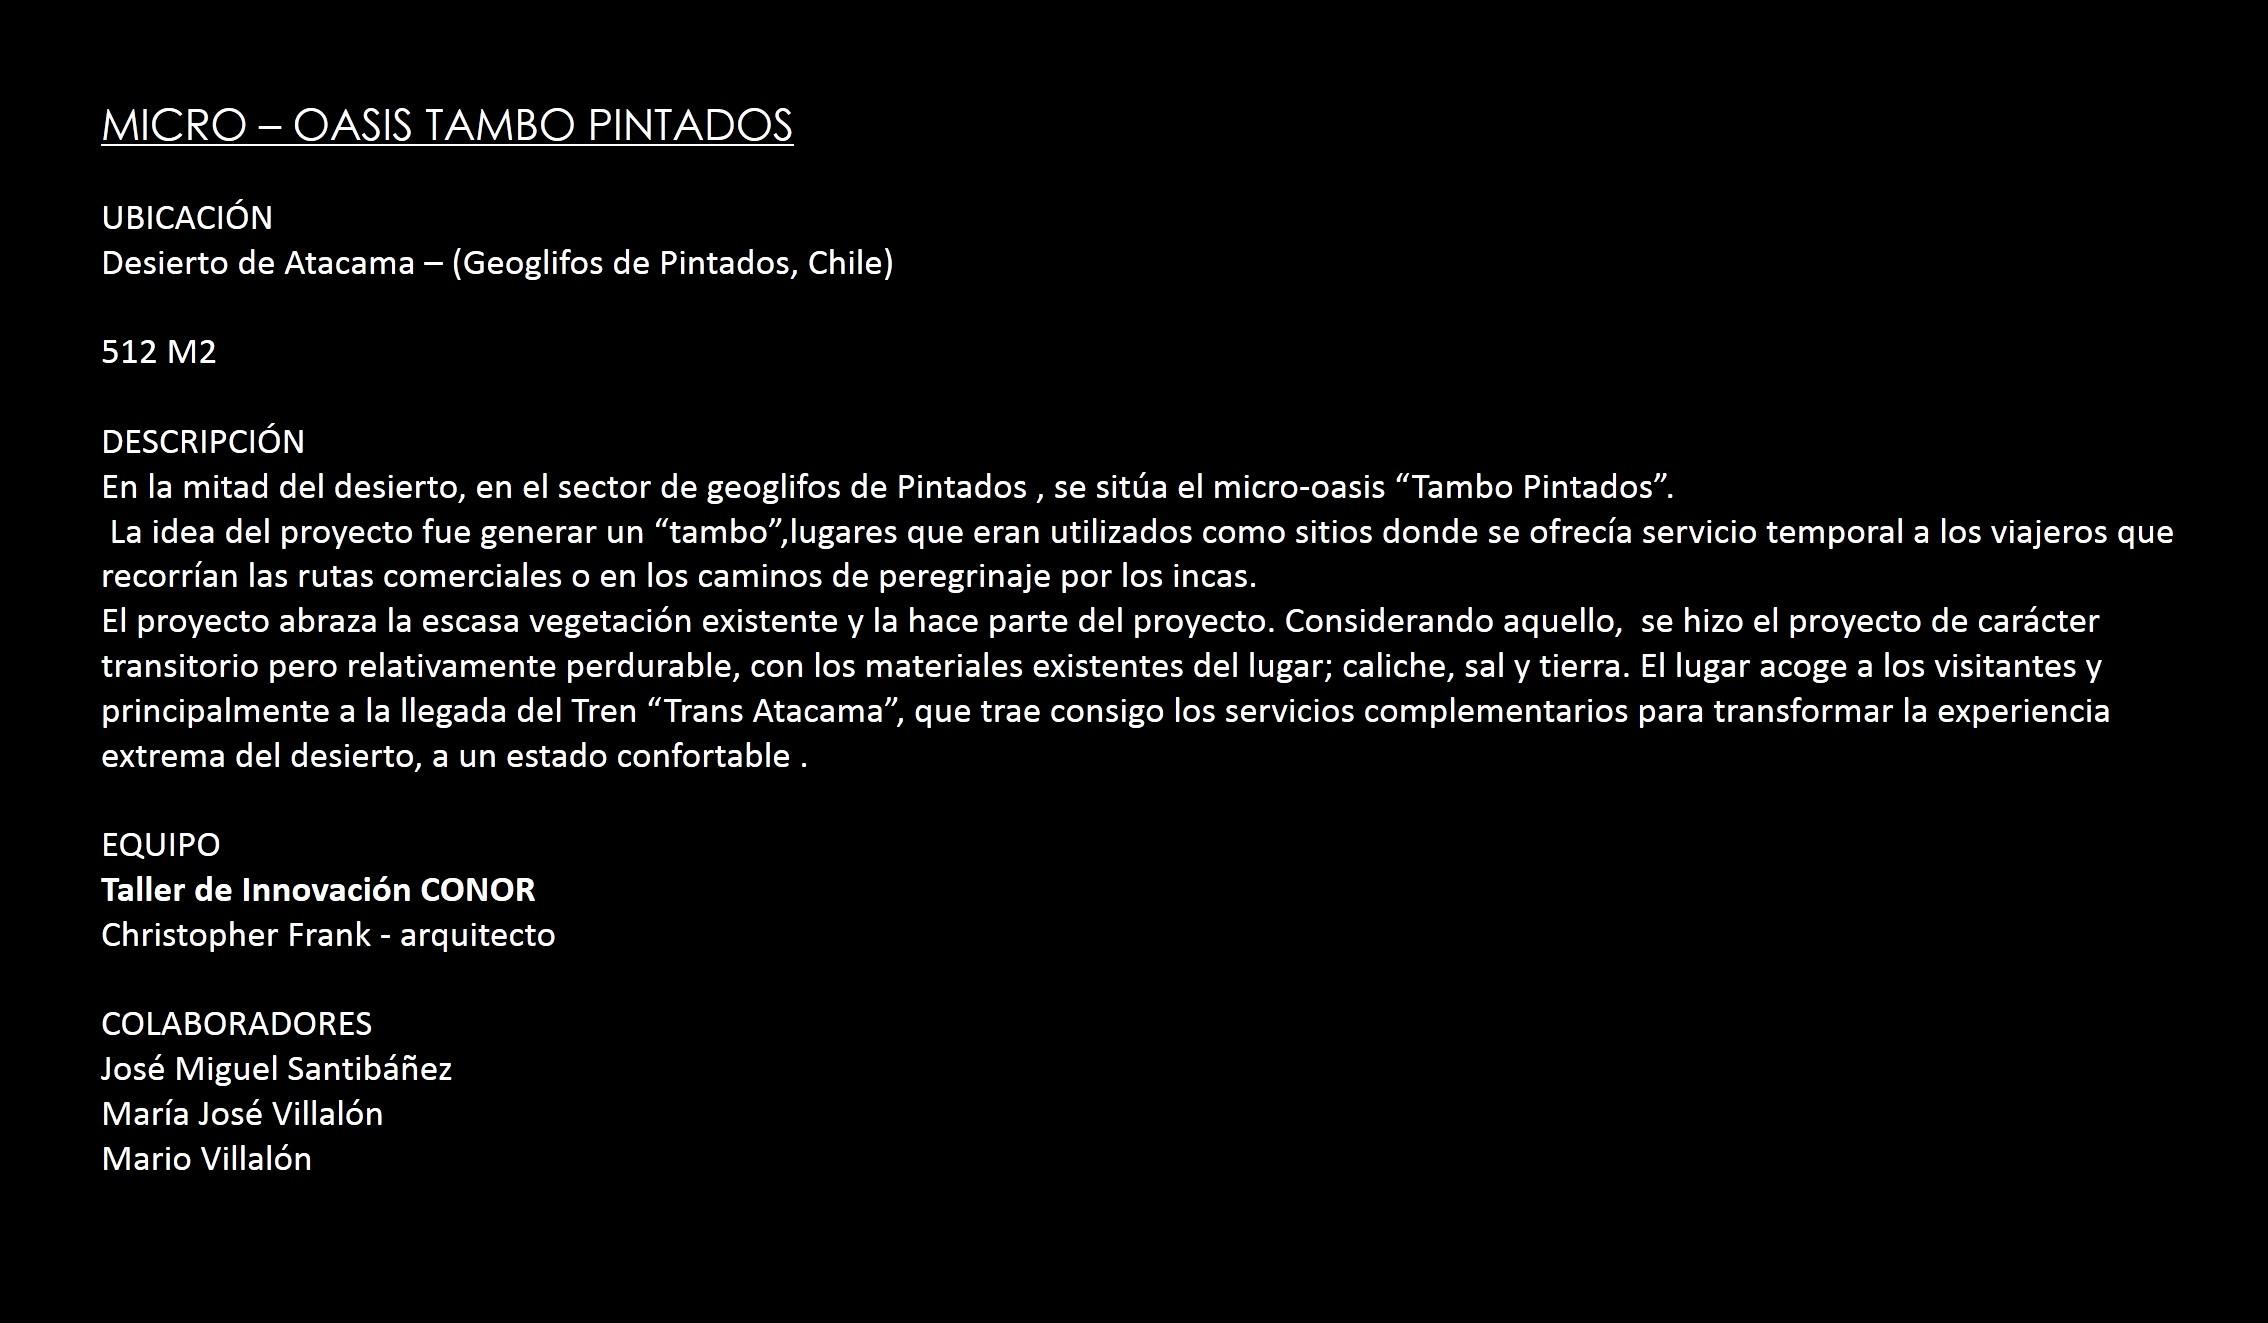 MICRO-OASIS TAMBO PINTADOS